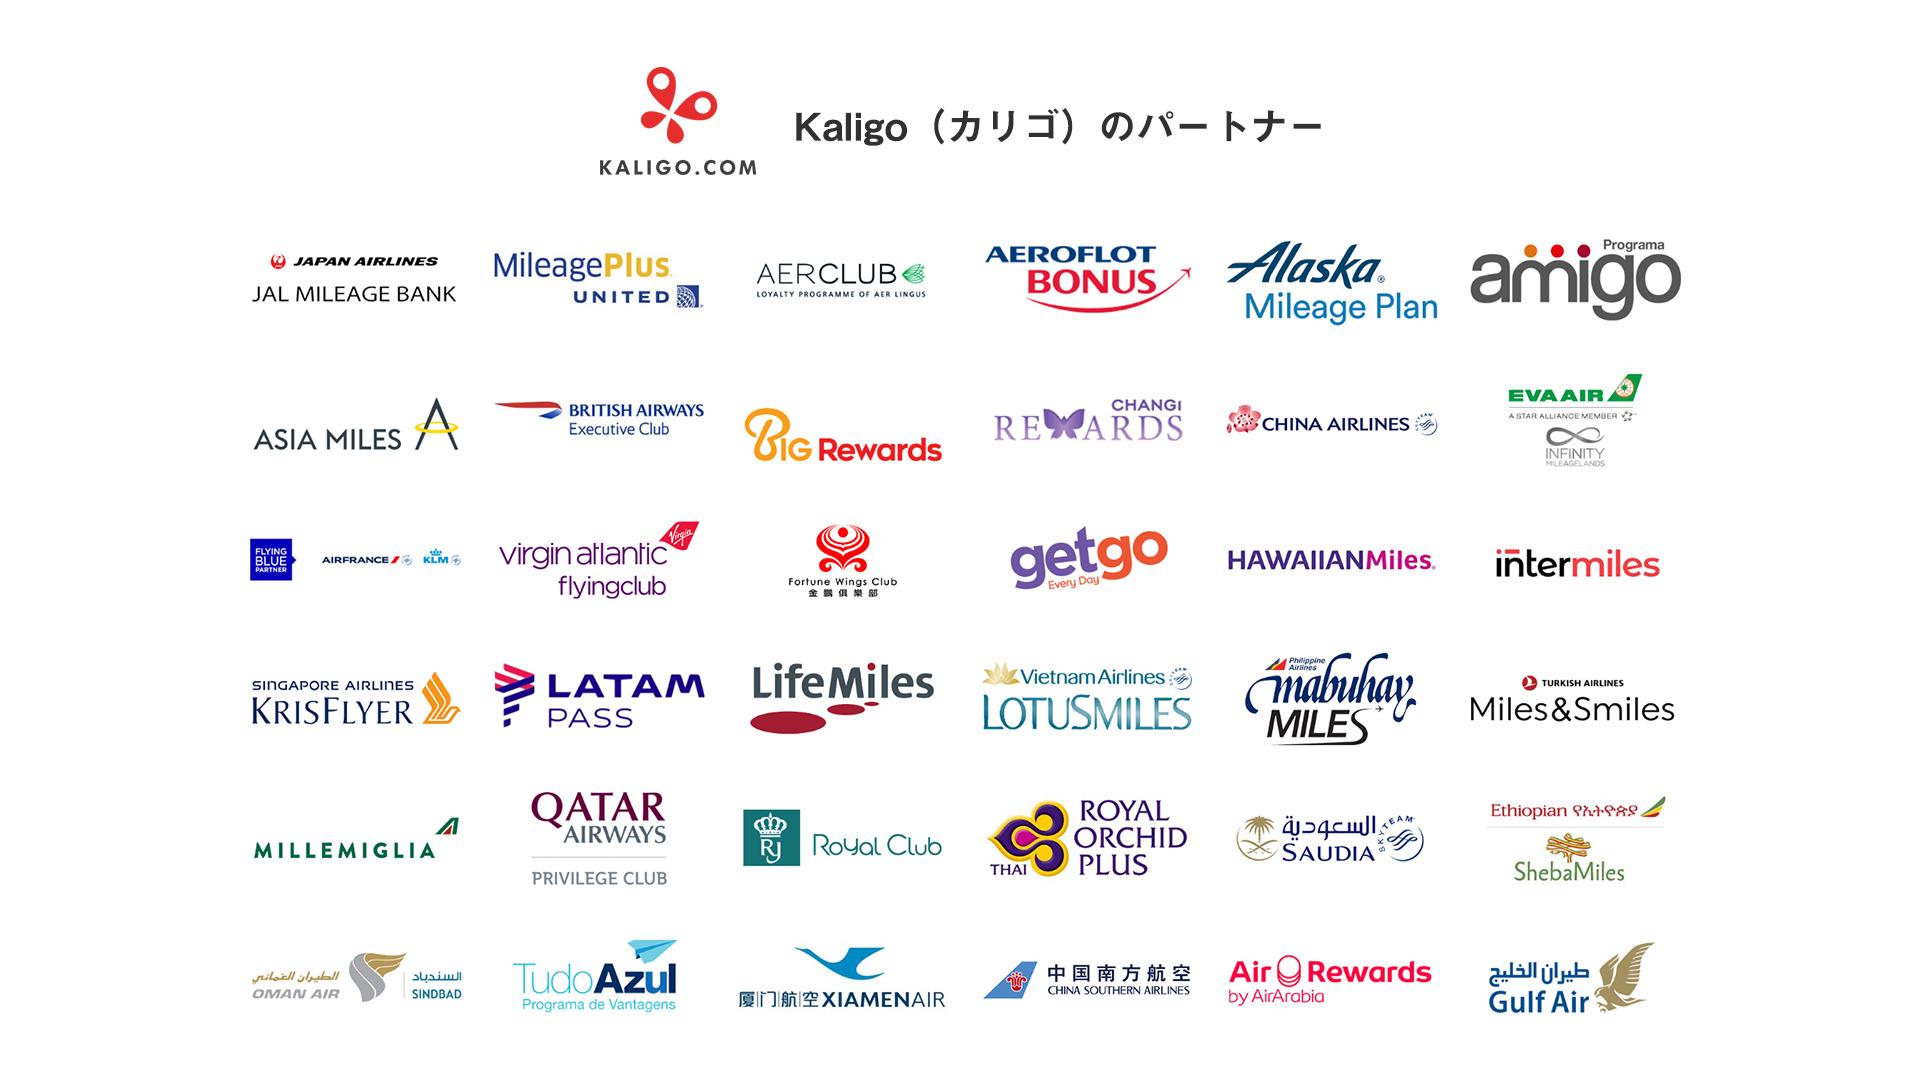 Kaligoの提携マイルプログラム